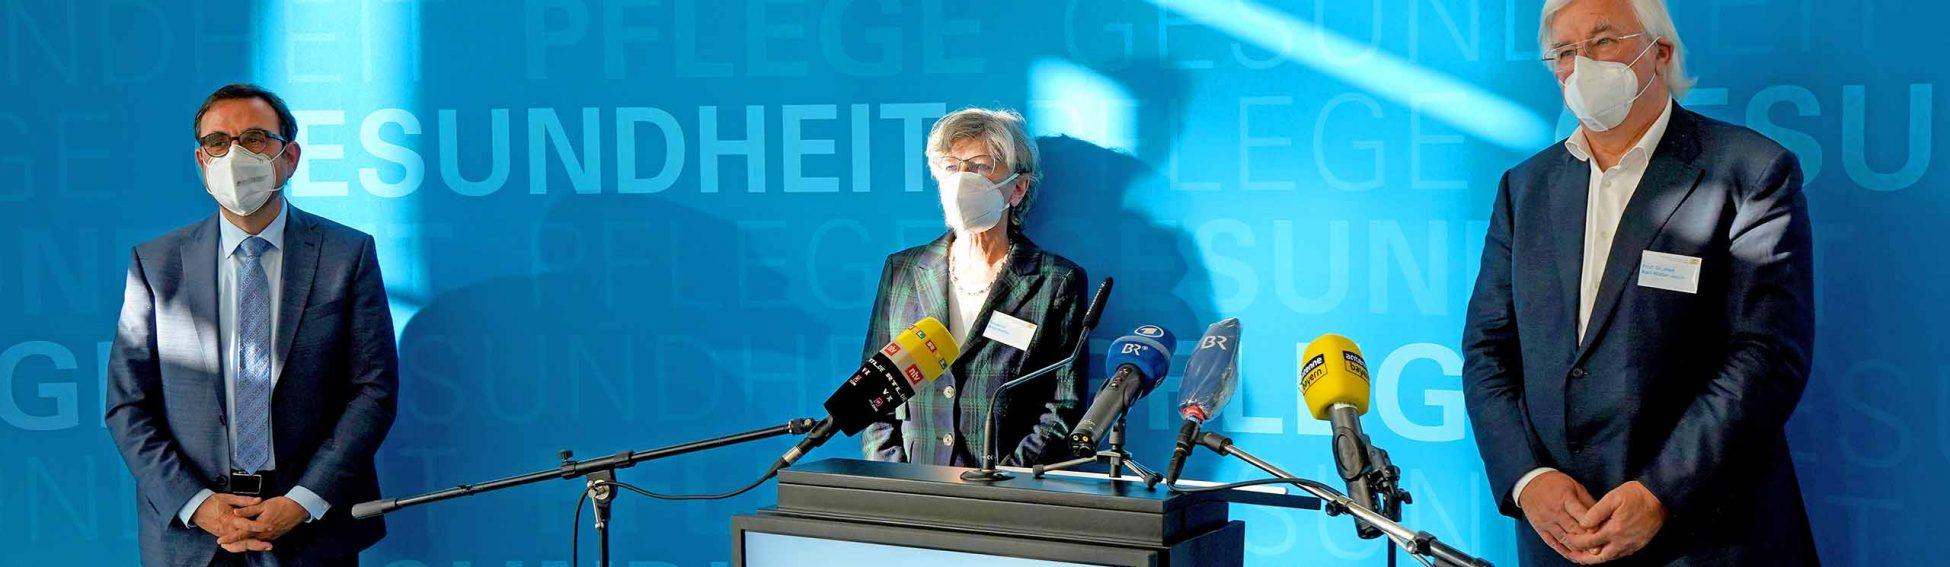 vorstellung-corona-impfkommission_holetschek_breit-kessler_jauch